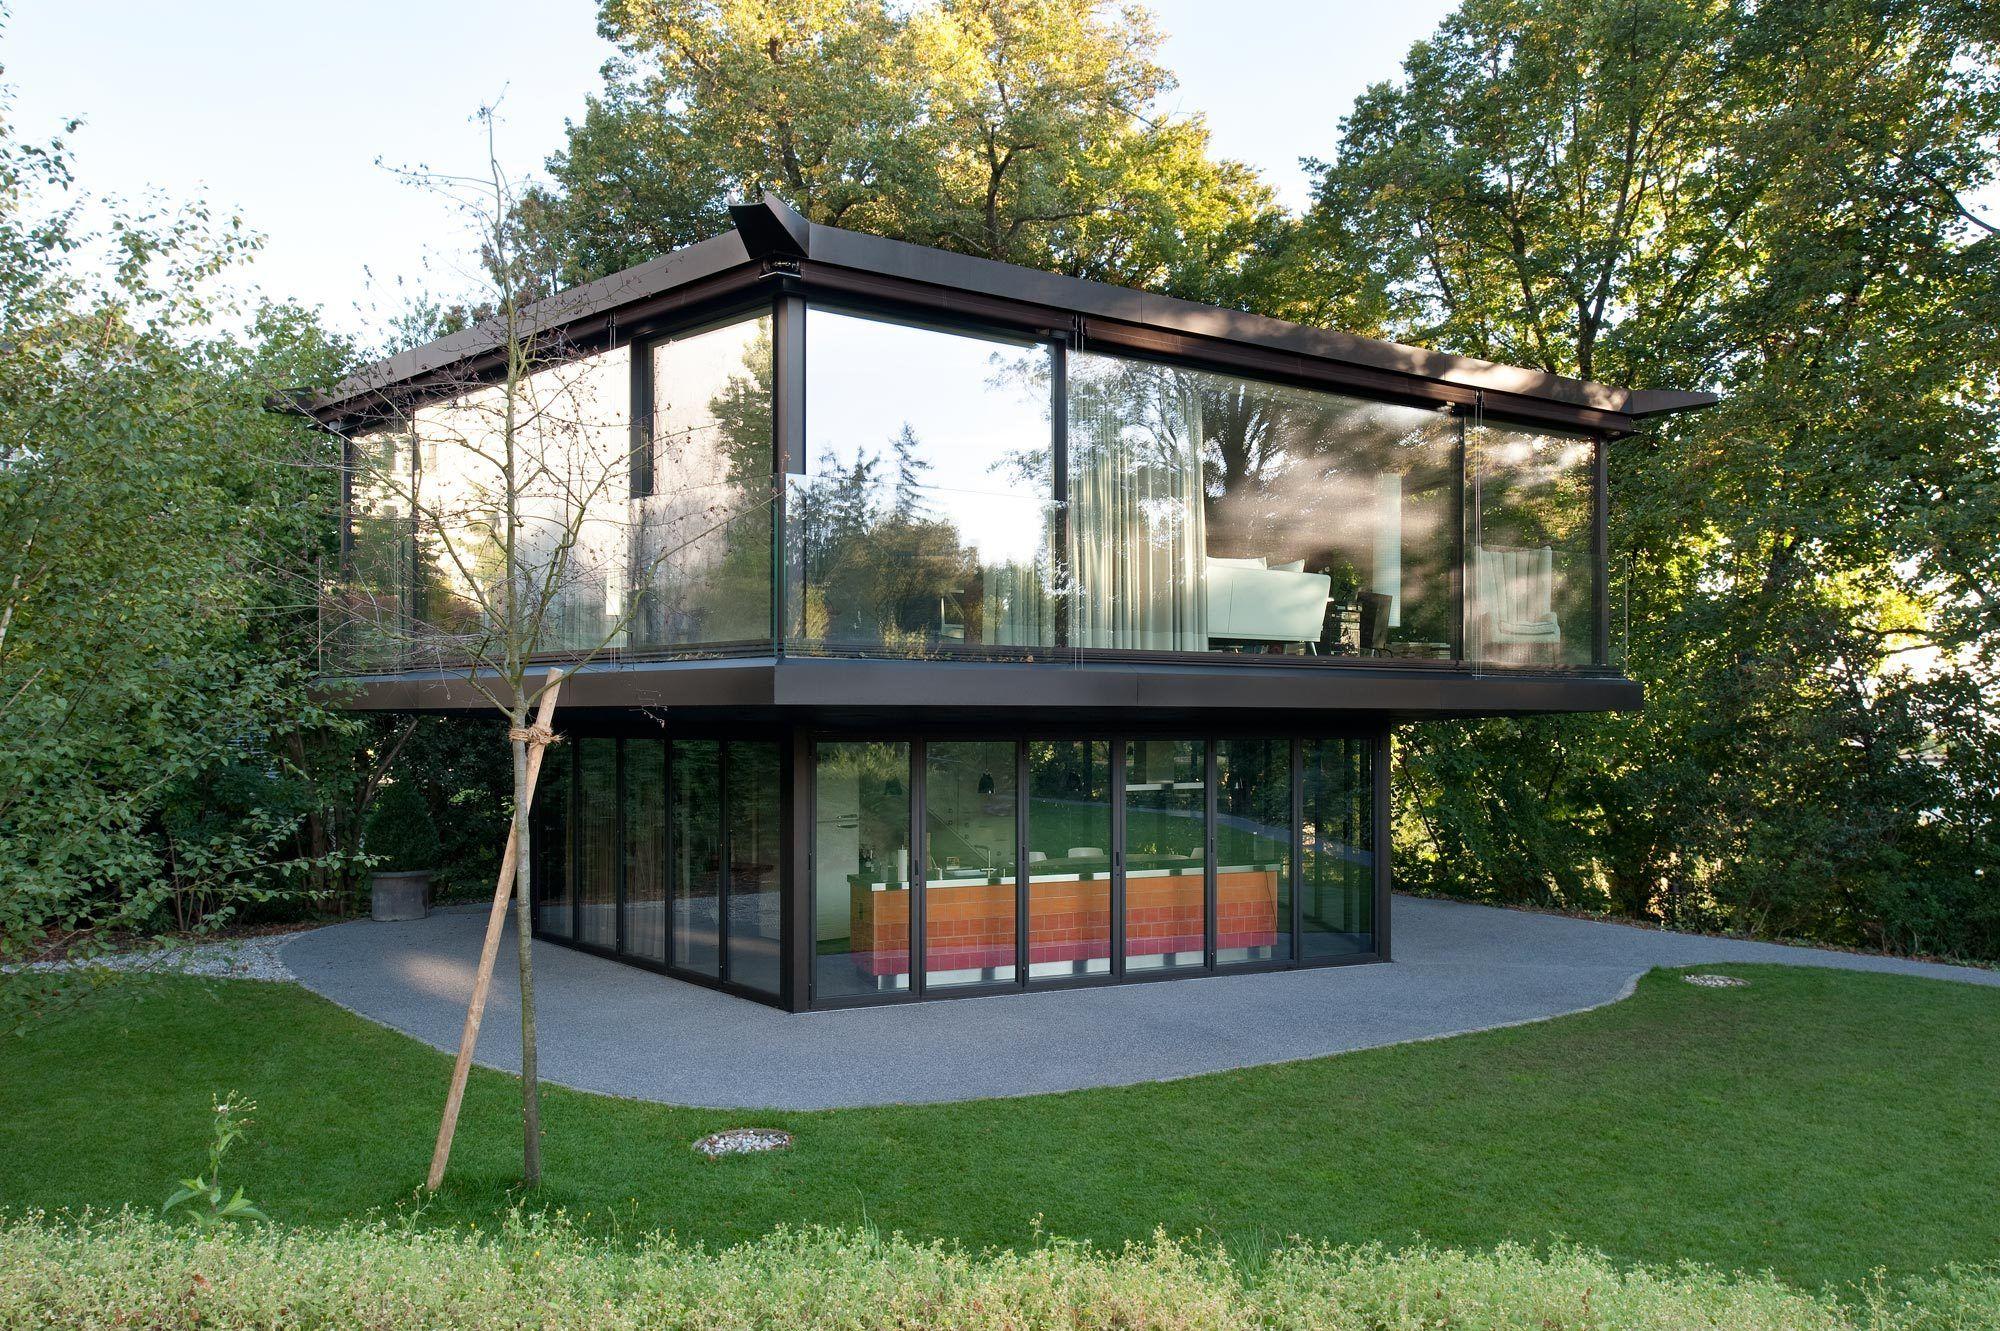 viel glas und eine wand - pavillon mit pool in zürich - zwembaden, Gartengerate ideen